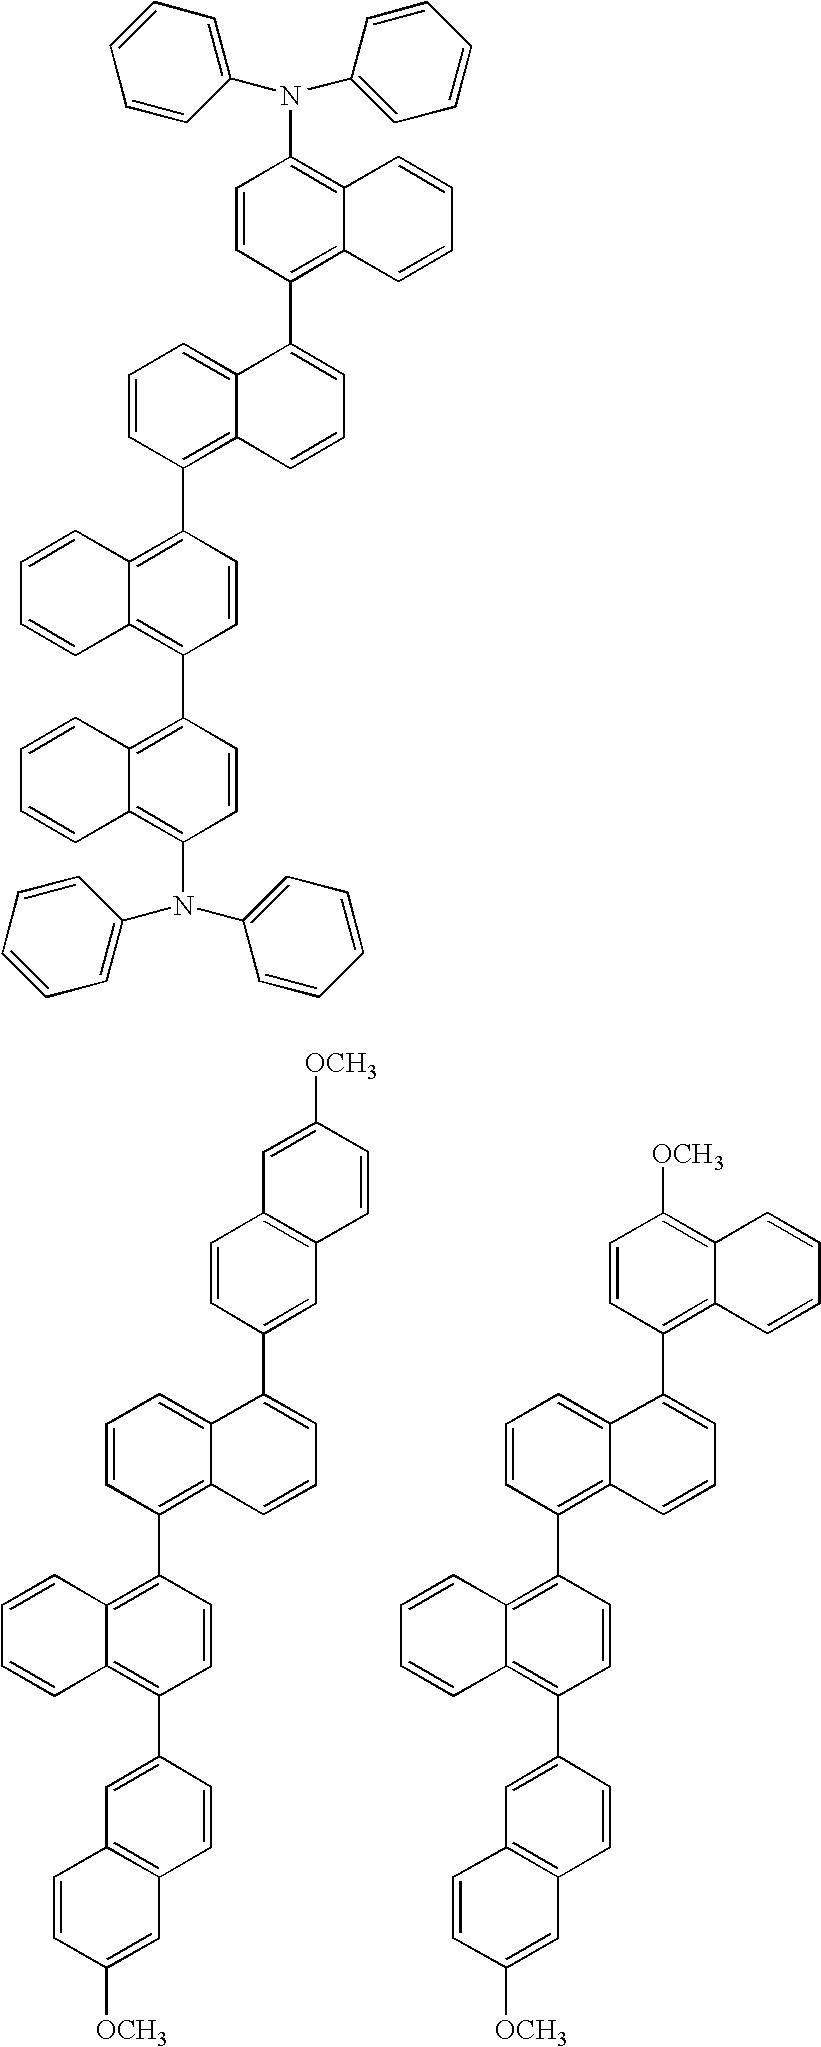 Figure US20100171109A1-20100708-C00099